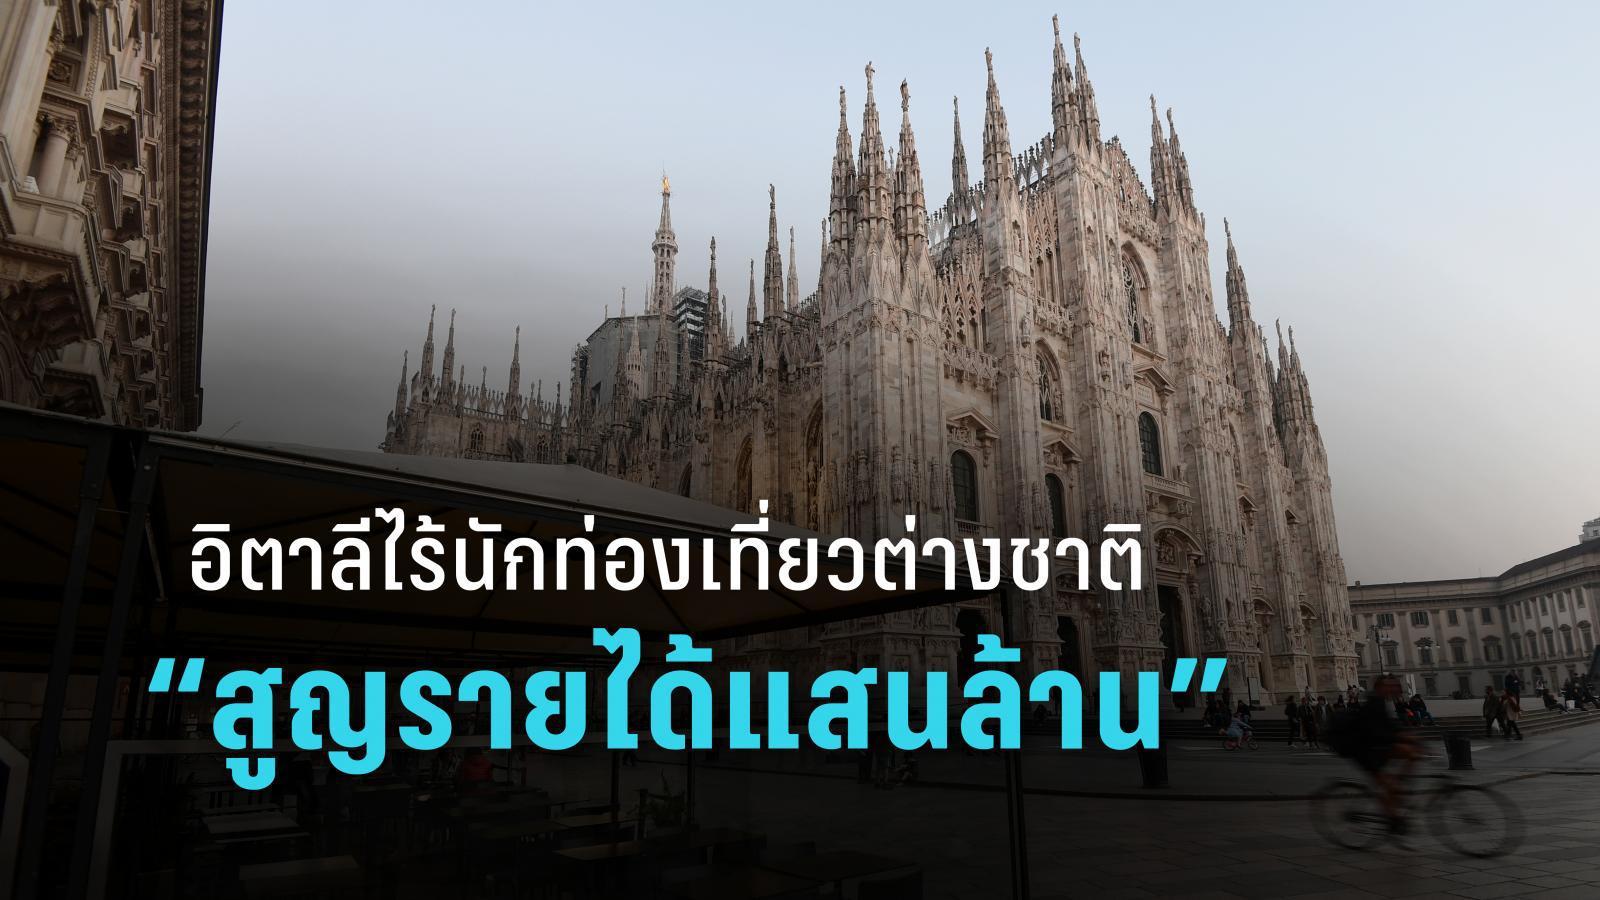 อิตาลี ไร้นักท่องเที่ยวสูญรายได้ 3 พันล้านยูโร ( 1.11 แสนล้านบาท)